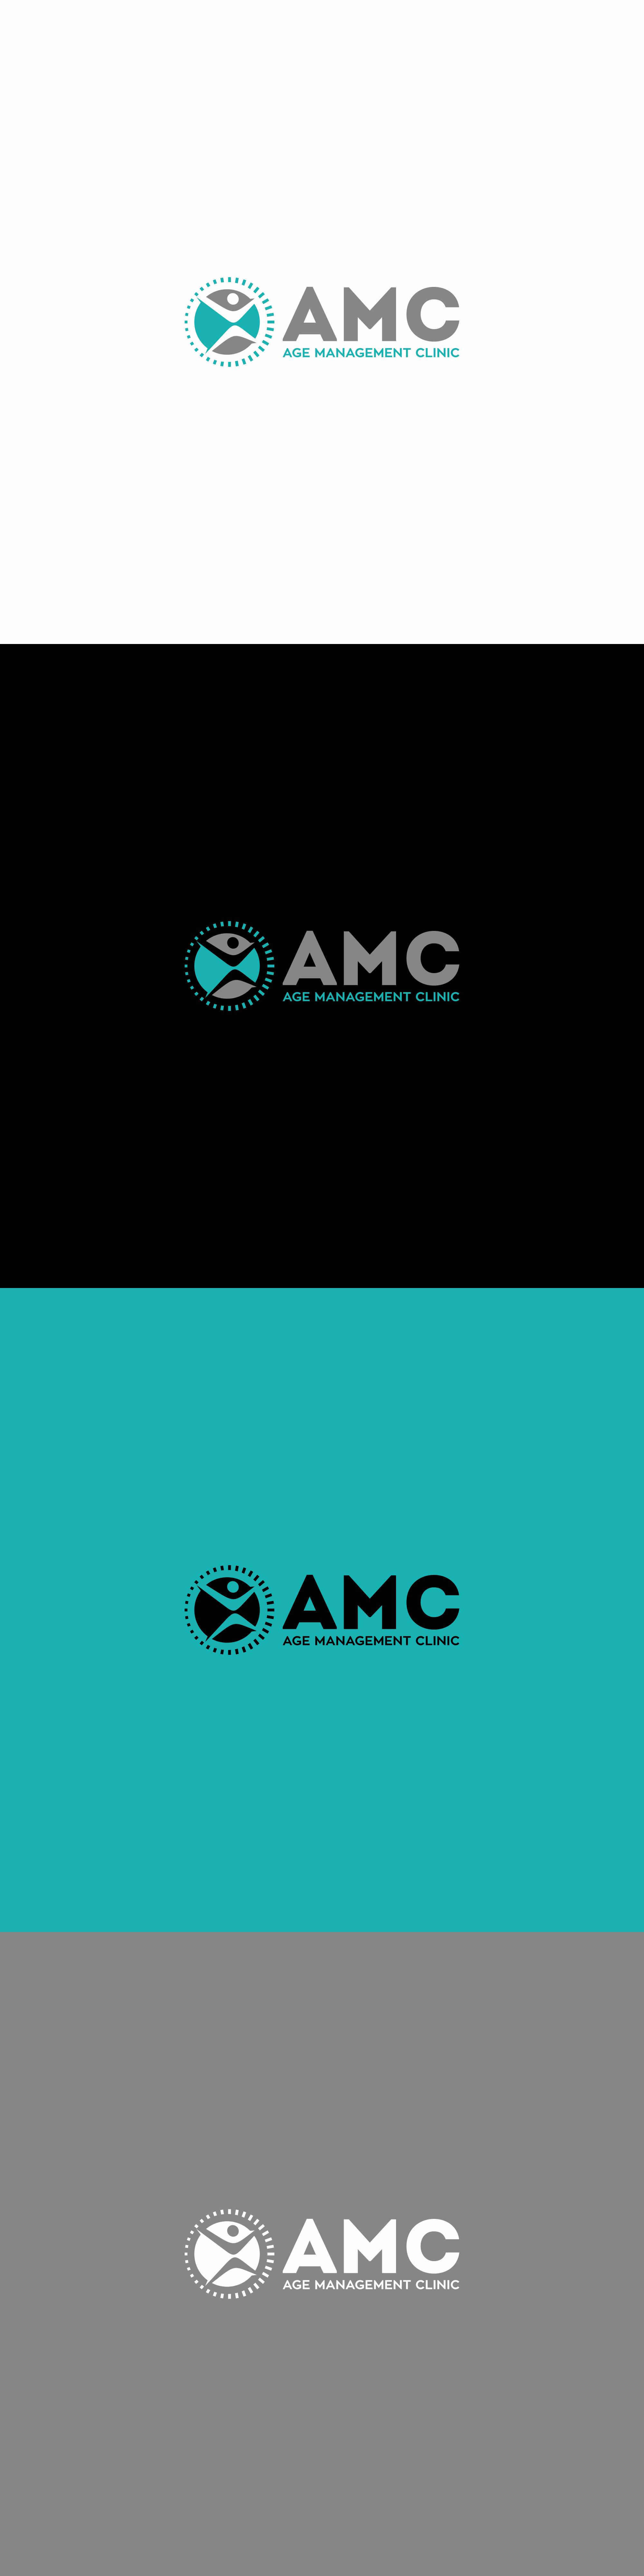 Логотип для медицинского центра (клиники)  фото f_6615ba0b76d82b73.jpg